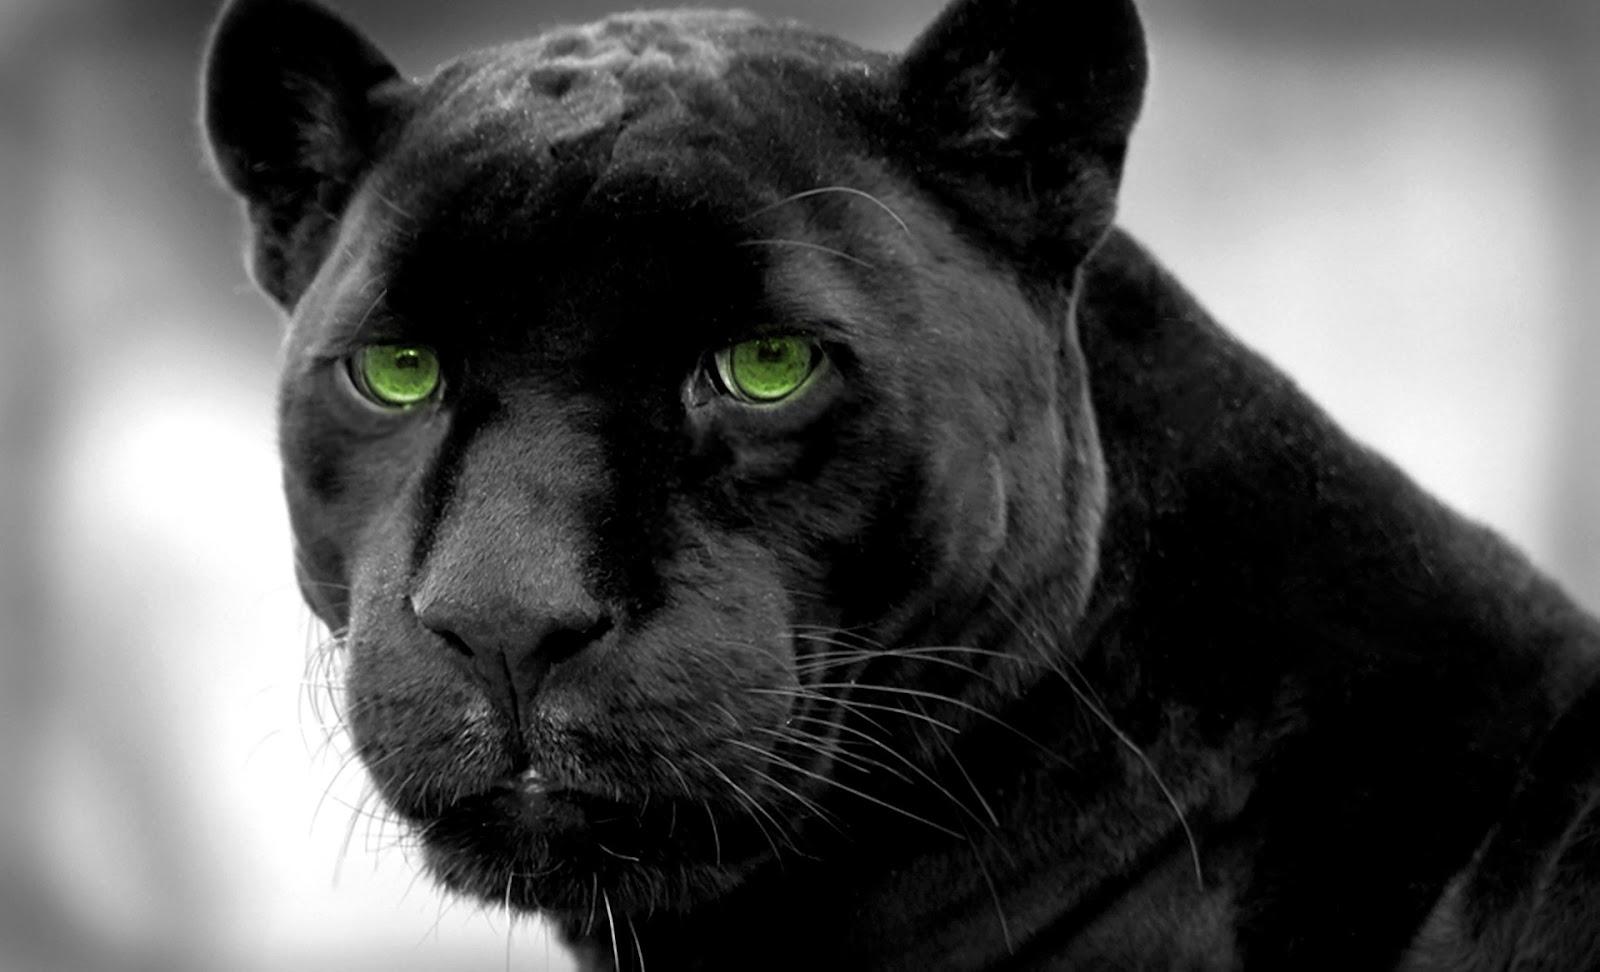 black panther black panther black panther black panther 1600x972